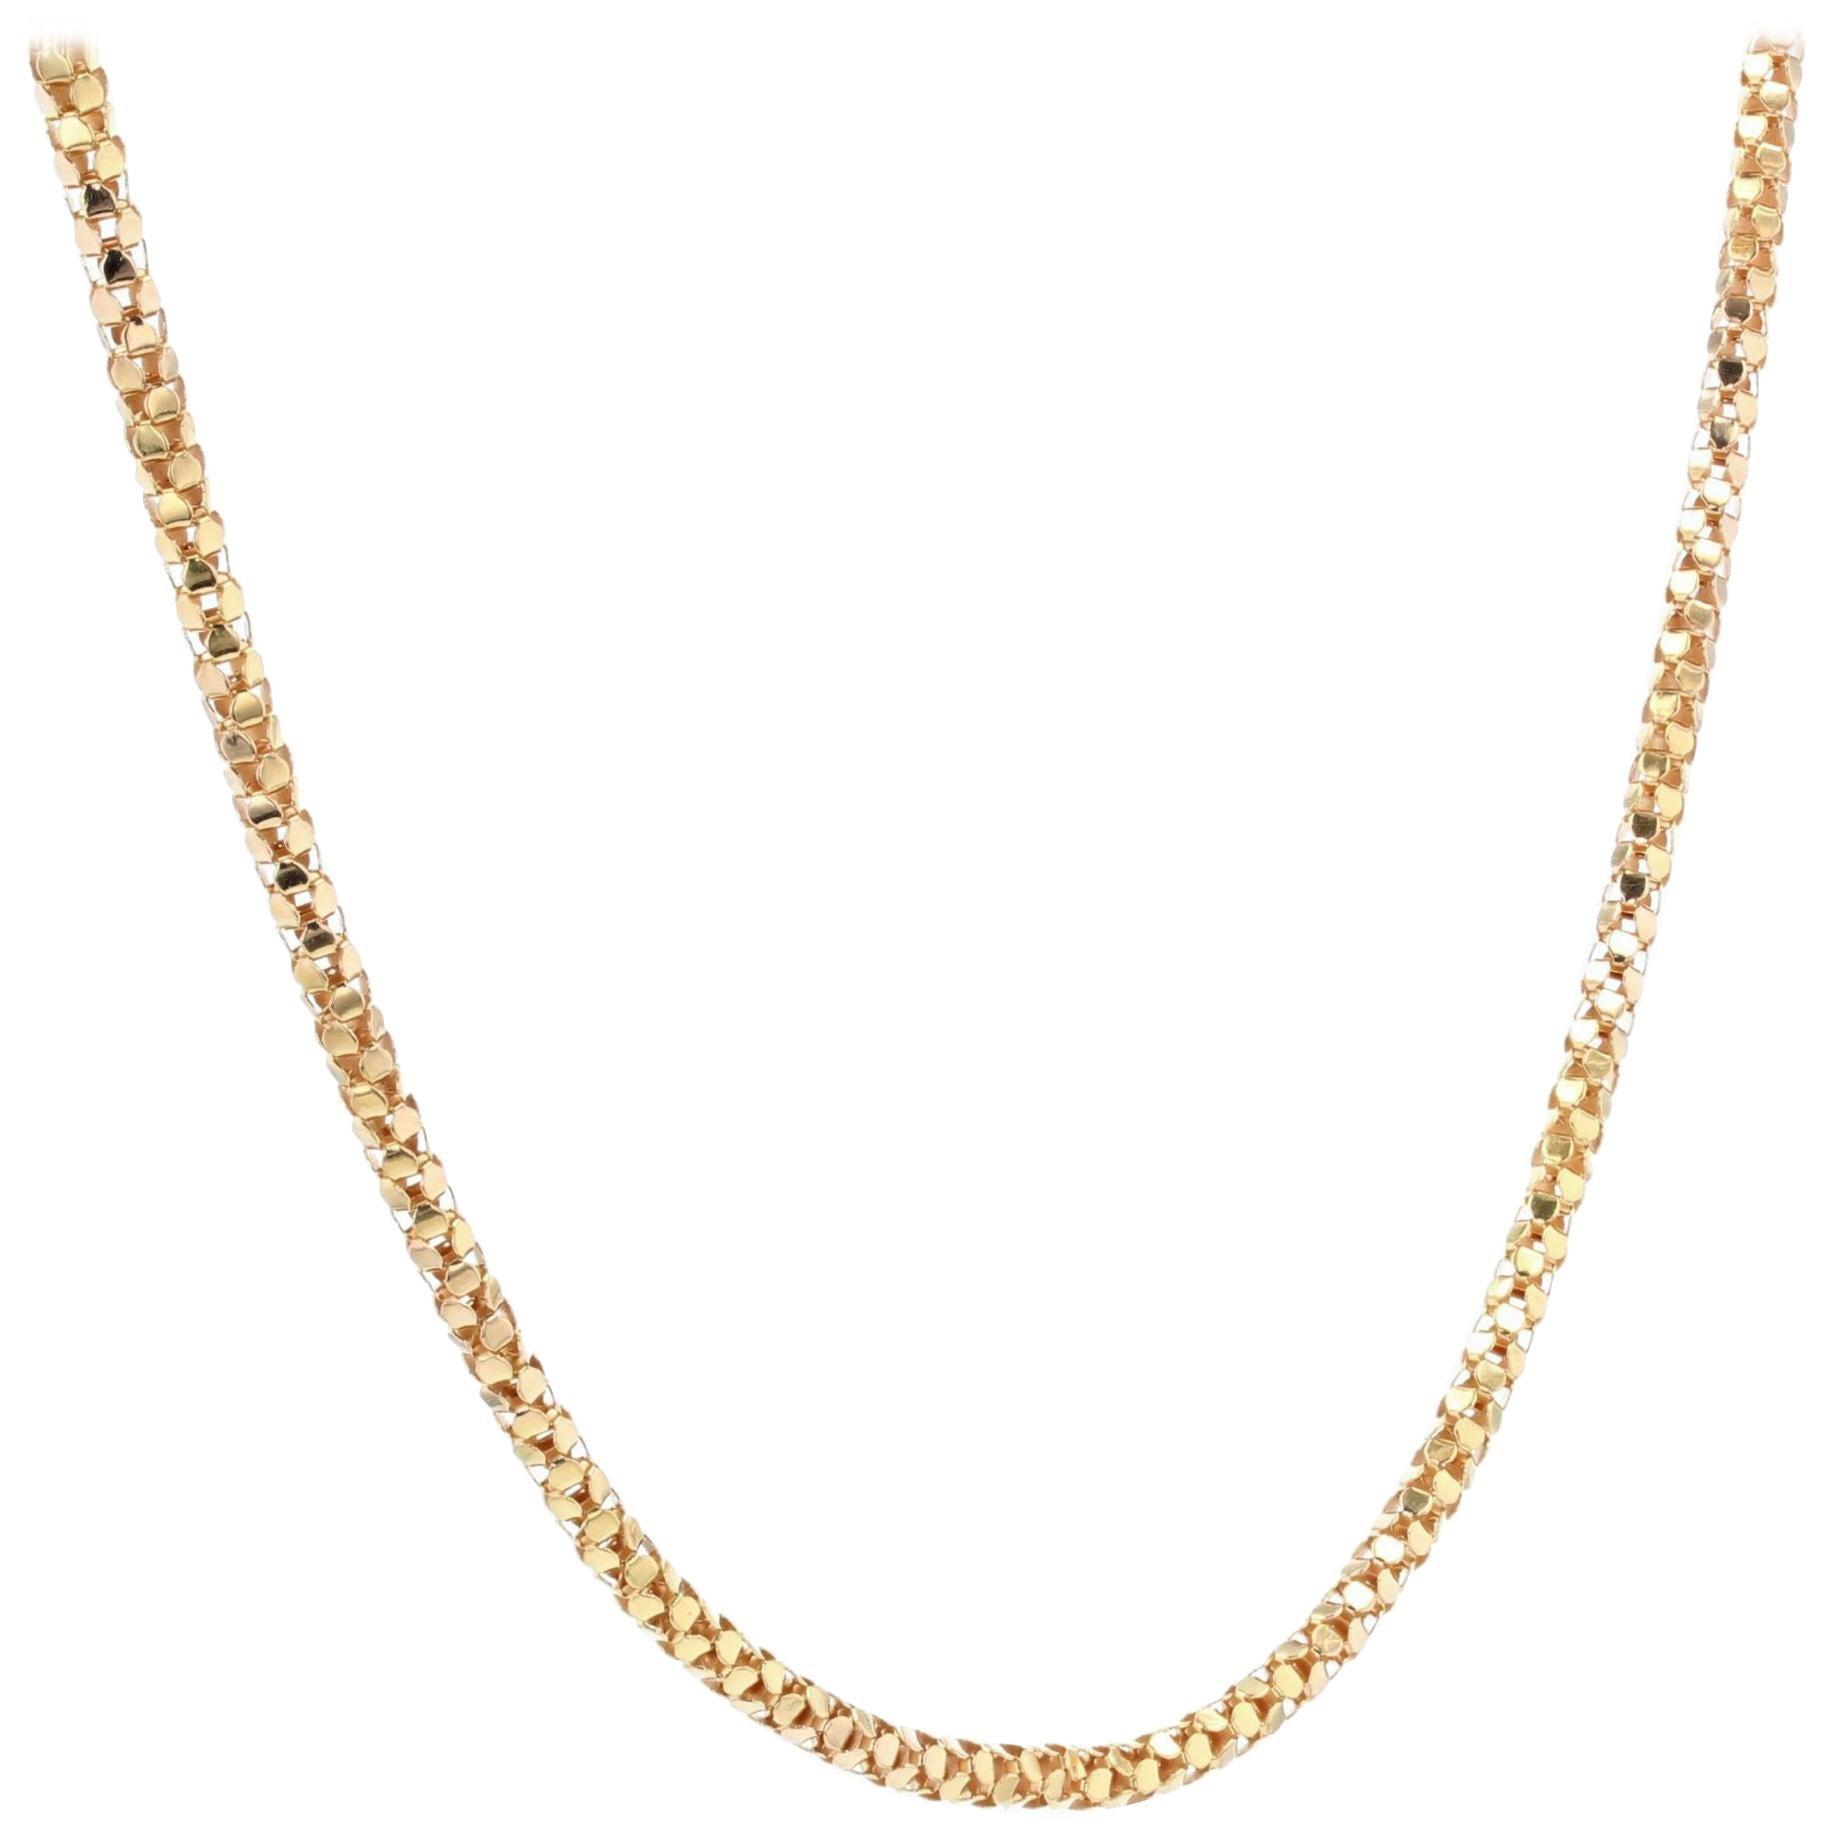 French 1950s Orvet Mesh 18 Karat Rose Gold Chain